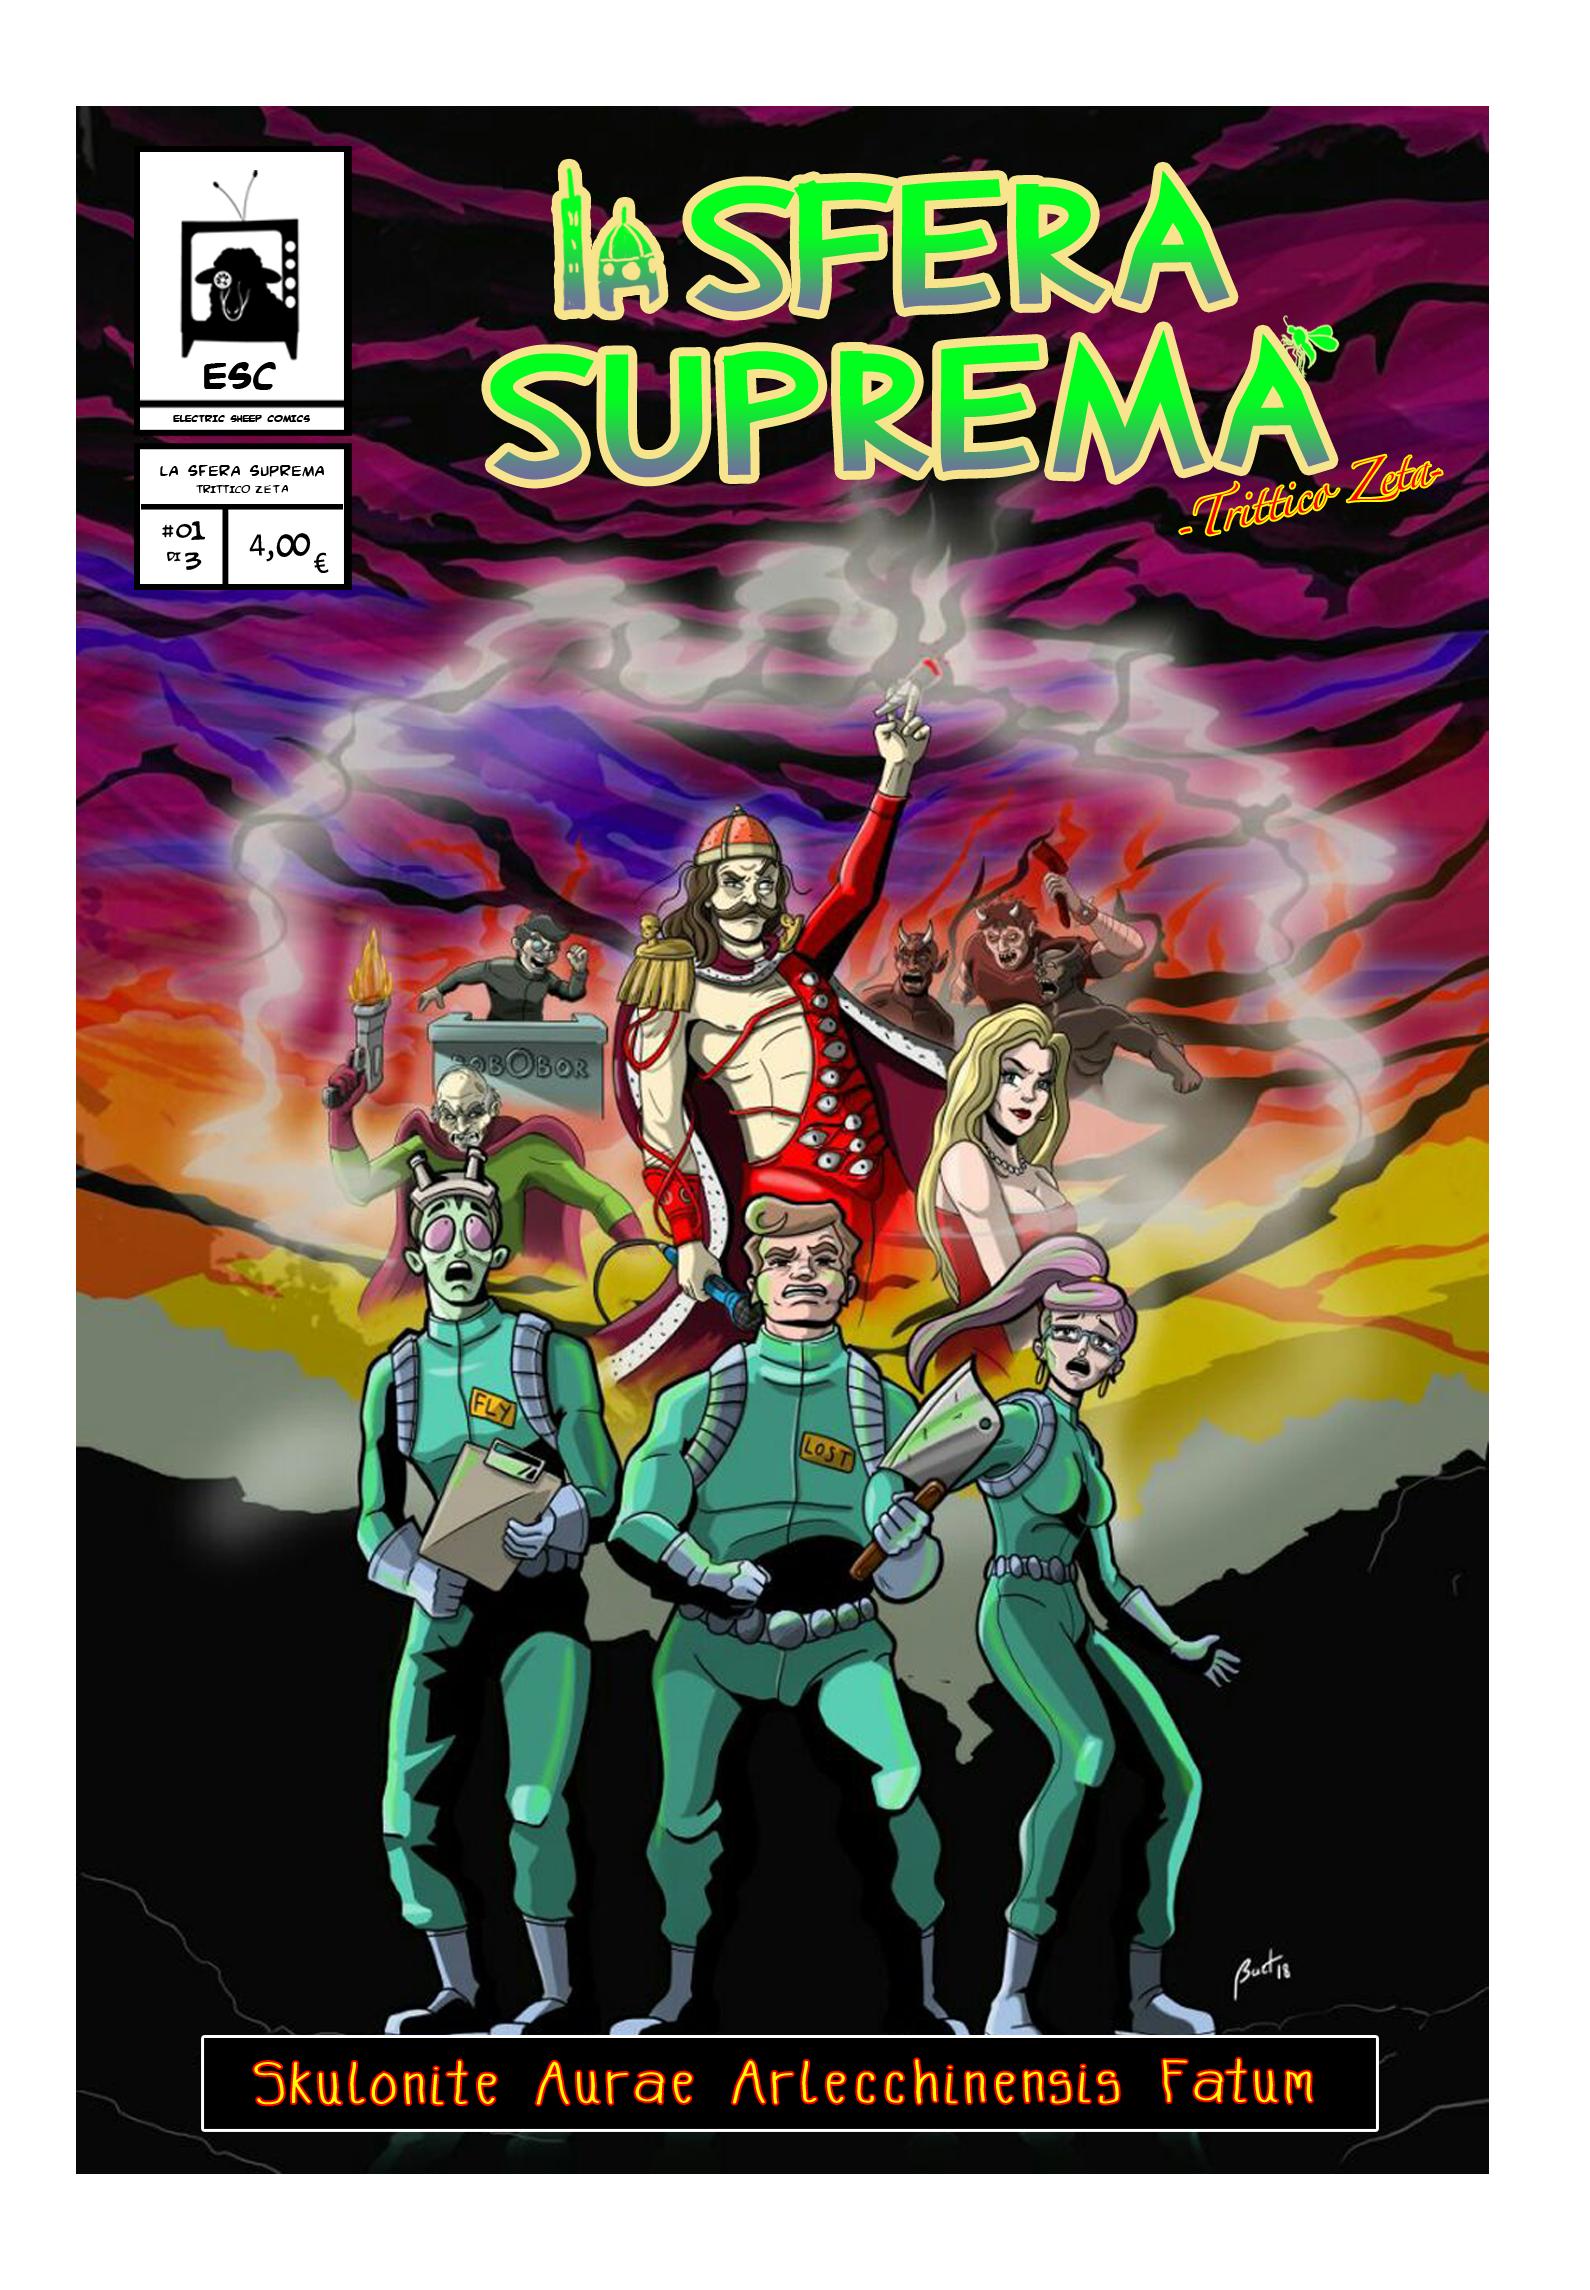 """Recensione Fumetto: """"La sfera suprema-Trittico Zeta"""" di Filippo Ferrucci e Riccardo Iacono"""